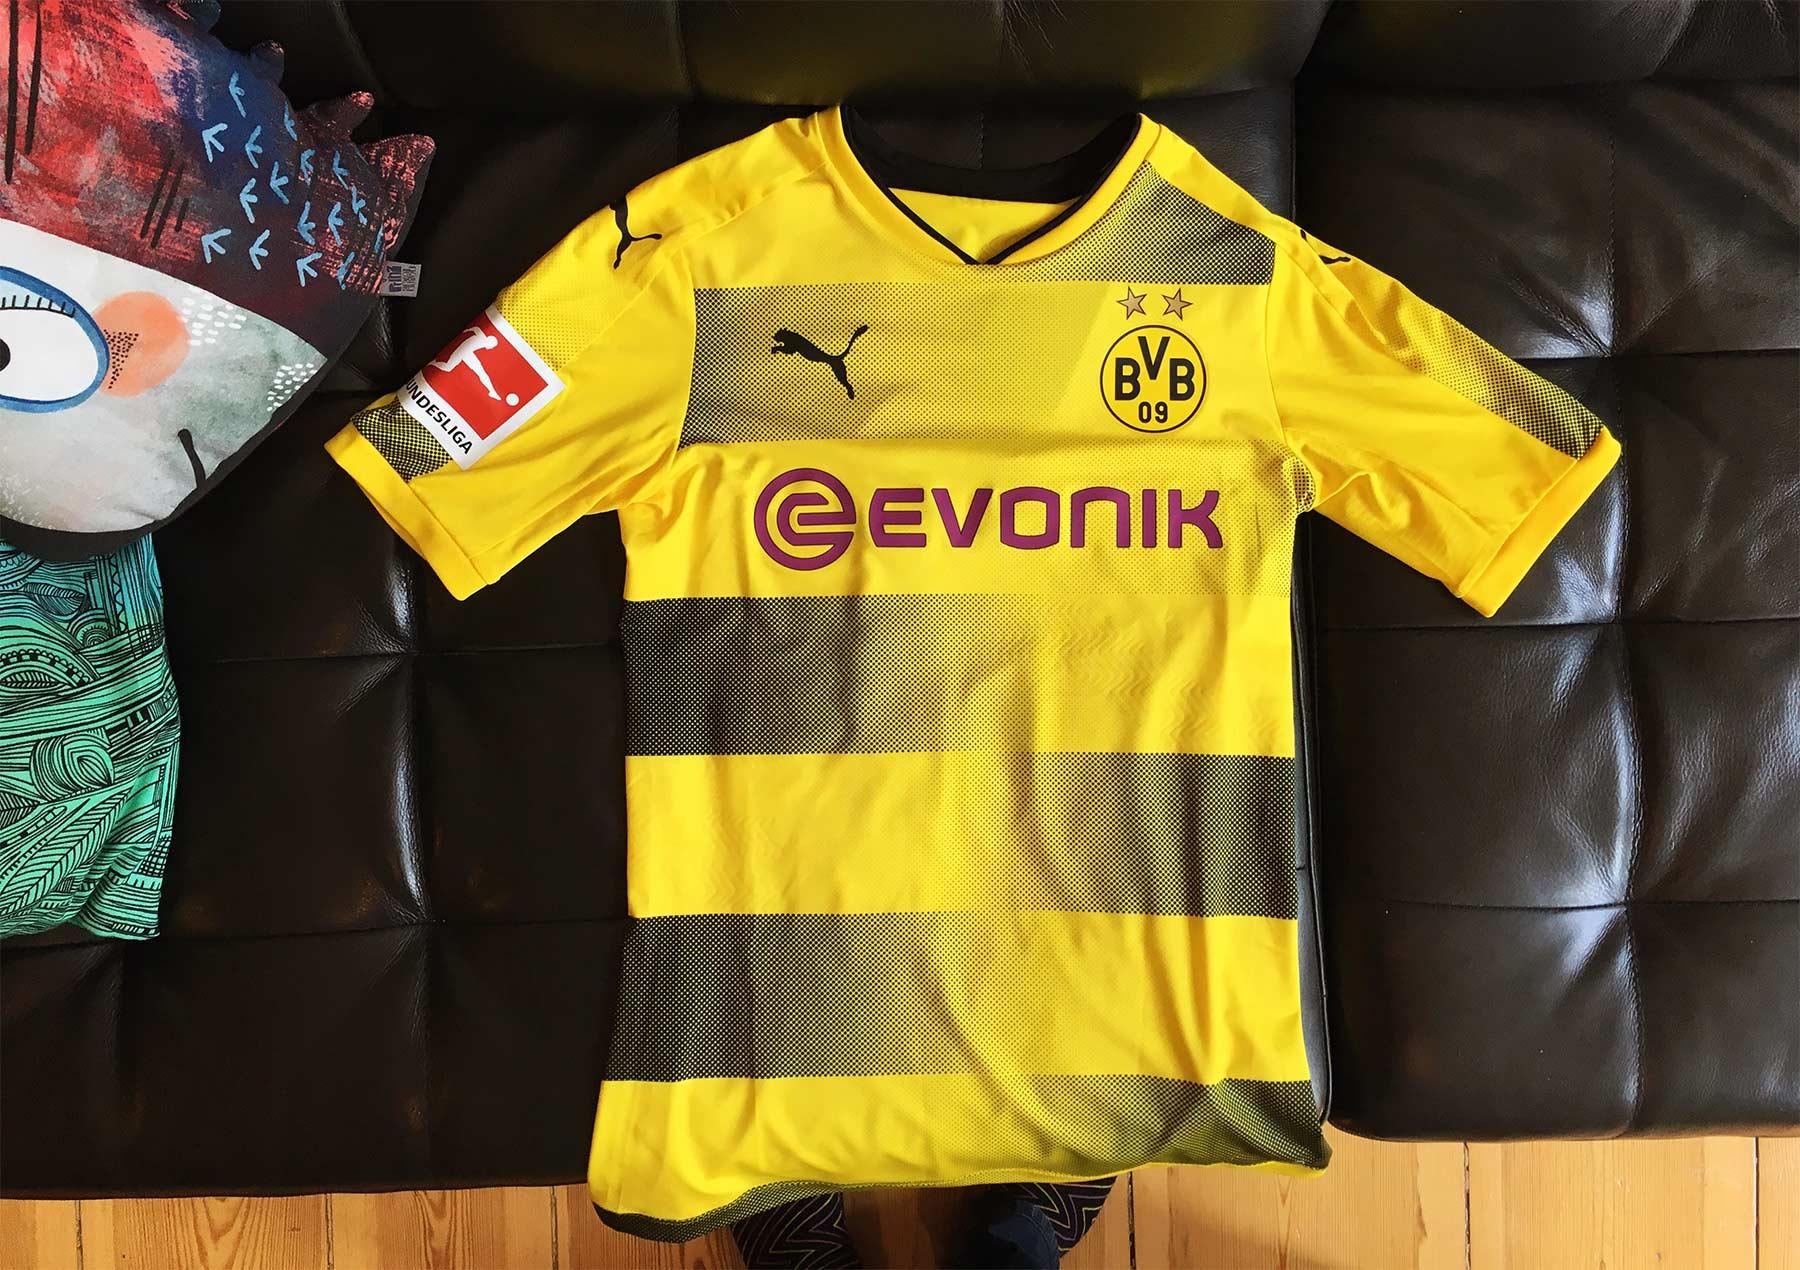 Das neue BVB-Trikot für die Saison 2017/18 BVB-Trikot-2017-2018_01